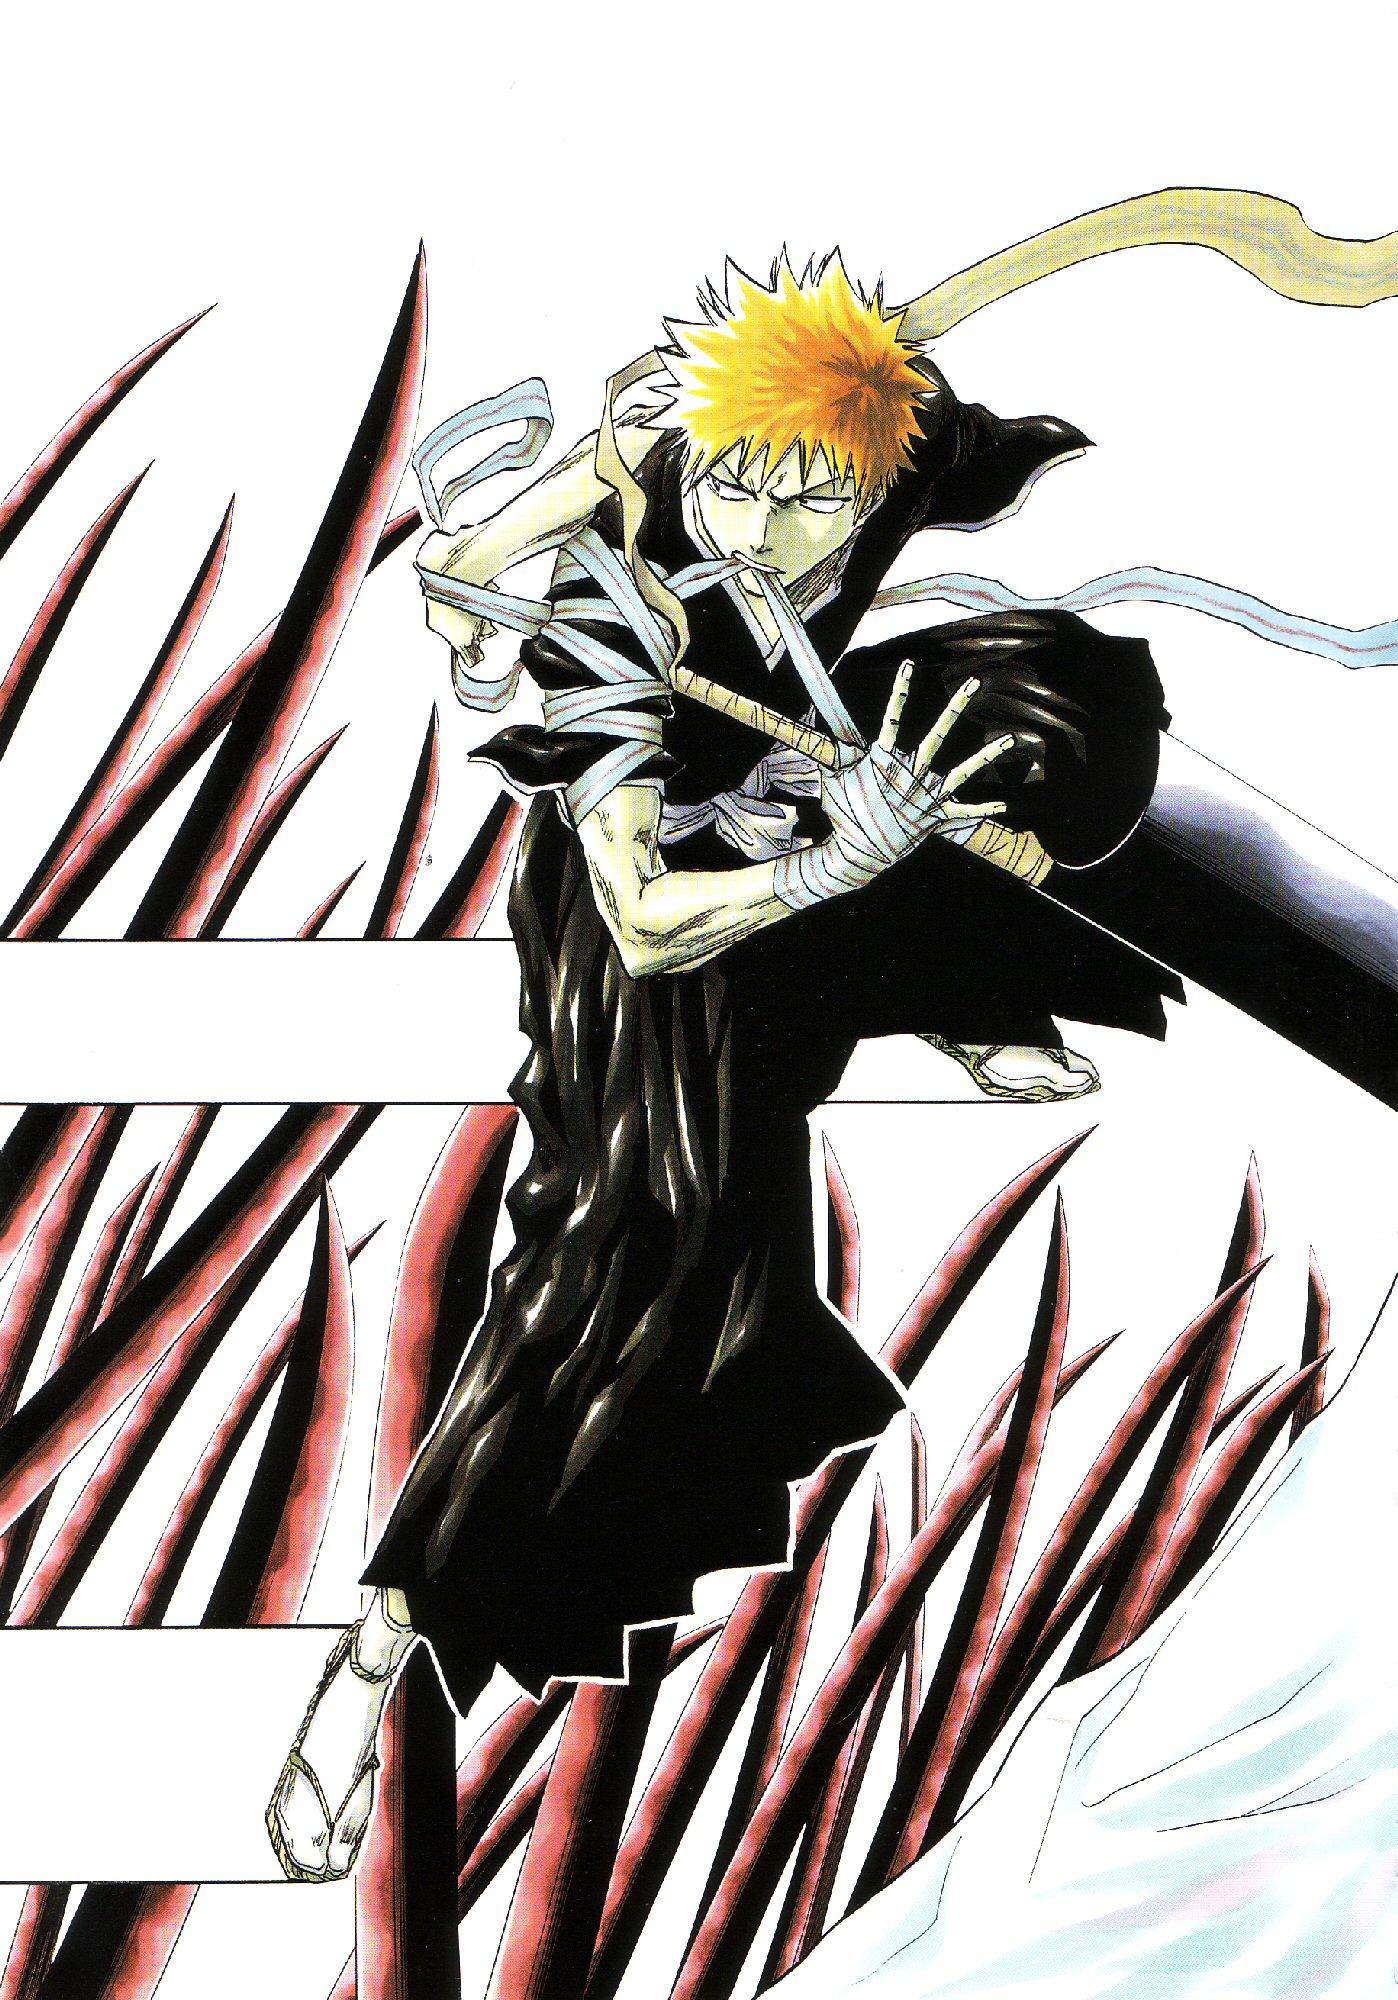 La evolucion de la mascara Hollow de Ichigo 18